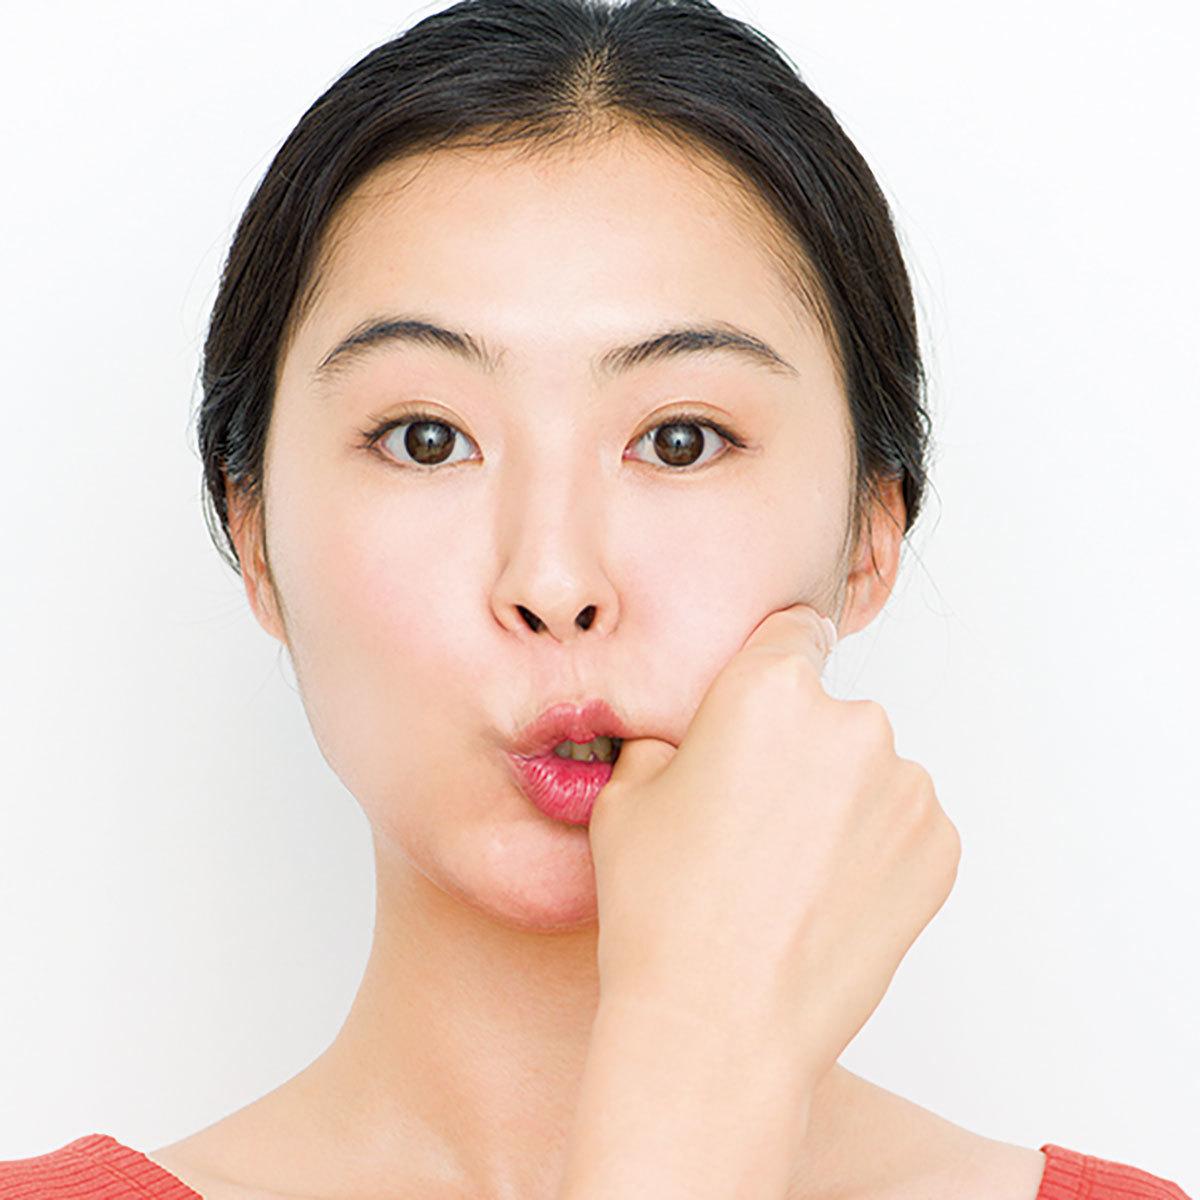 肌色×顔立ち別リップ診断から痩せやすい体になるめぐらせポイント【ビューティー人気記事ランキングトップ6】_1_5